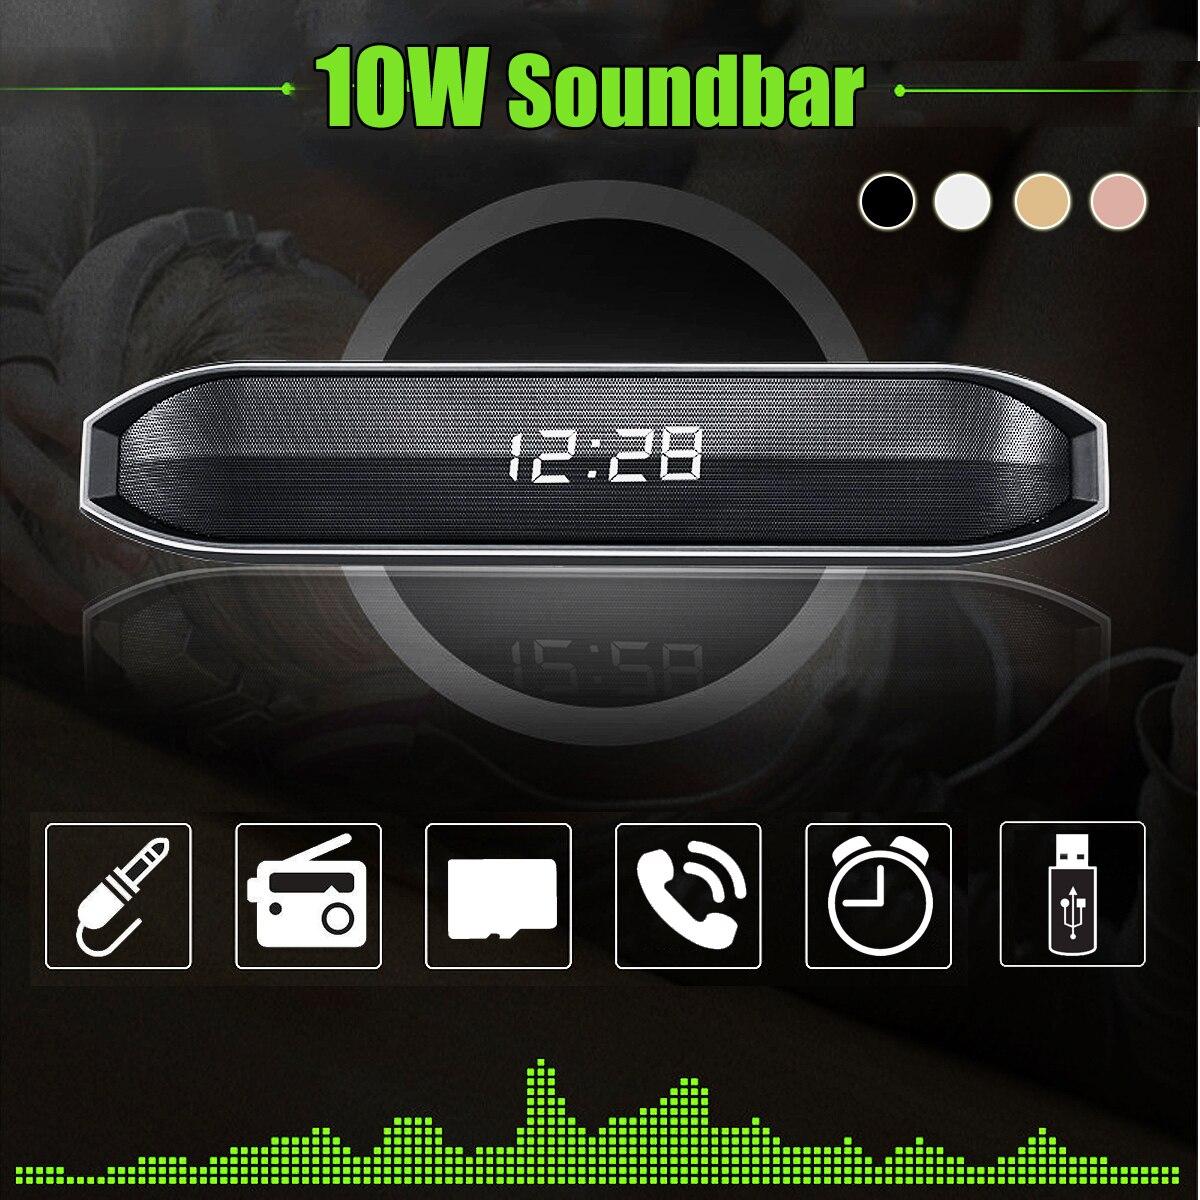 Lautsprecher Initiative Kinco 10 W Tragbare Wireless Bluetooth Lautsprecher 3d Stereo Surround Soundbar Tf Fm Aux Outdoor Sport Lautsprecher Subwoofer Gut FüR Antipyretika Und Hals-Schnuller Subwoofer